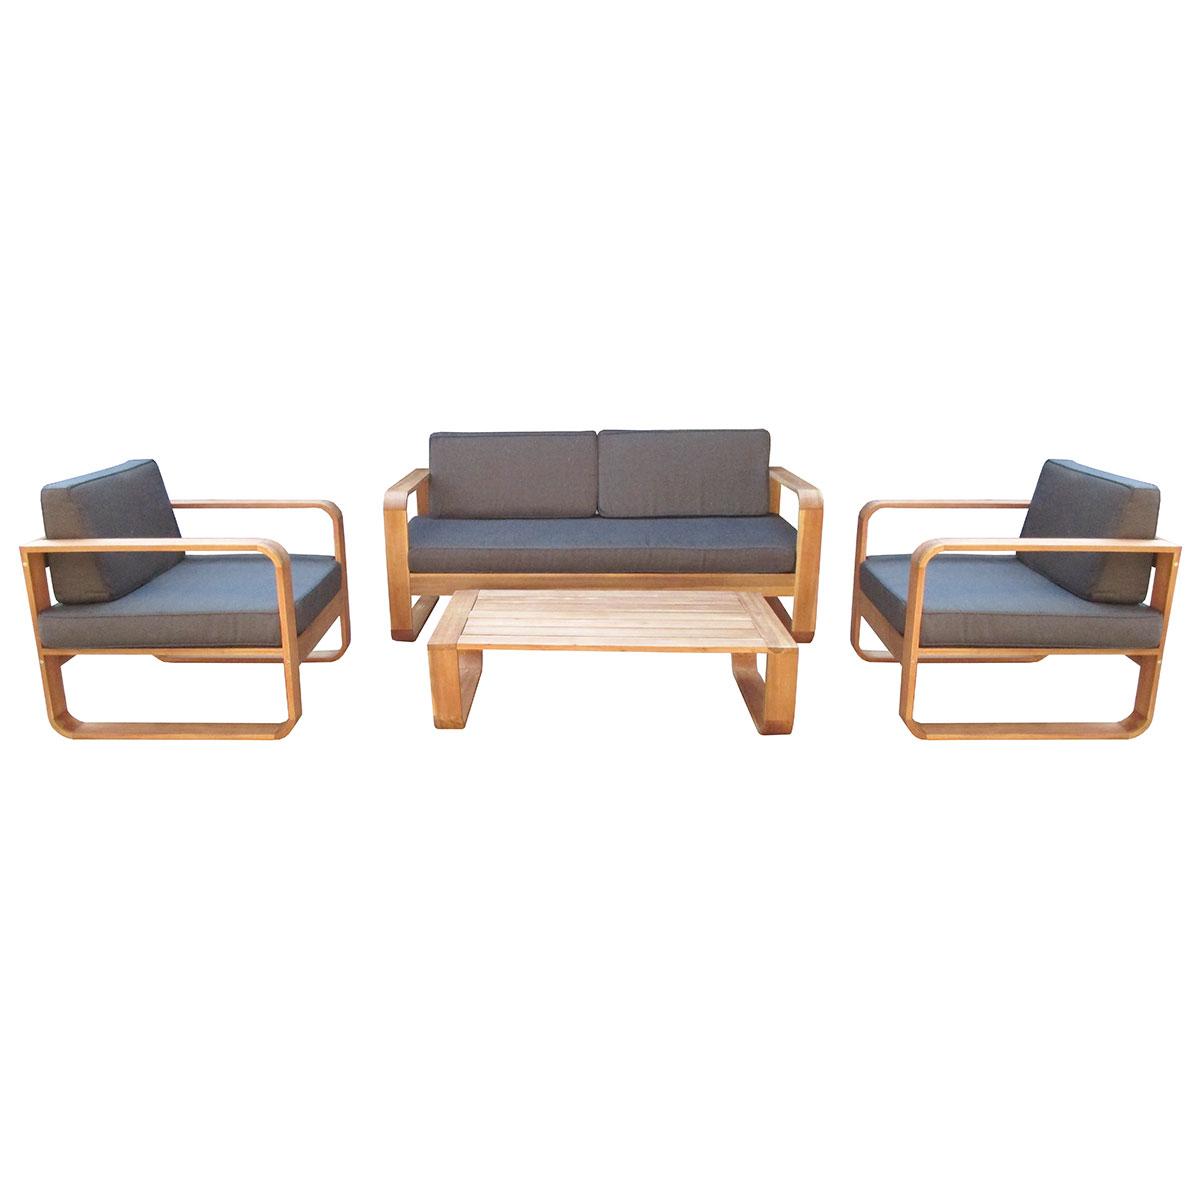 Комплект BellavistaКомплекты уличной мебели<br>Bellavista состоит из двух кресел, двухместного дивана и прямоугольного стола размером 110х66 см. Требуется сборка.<br>Комплект изготовлен из акации, окрашенной в цвет &amp;quot;тик&amp;quot;.<br>Подушки коричневого цвета включены в стоимость.&amp;amp;nbsp;&amp;lt;div&amp;gt;&amp;lt;br&amp;gt;&amp;lt;/div&amp;gt;&amp;lt;div&amp;gt;Диван:<br>Длина: 168 см<br>Ширина: 79 см<br>Высота: 62 см&amp;amp;nbsp;&amp;lt;/div&amp;gt;&amp;lt;div&amp;gt;Кресло:<br>Длина: 84 см<br>Ширина: 79 см<br>Высота: 62 см&amp;amp;nbsp;&amp;lt;/div&amp;gt;&amp;lt;div&amp;gt;Стол:<br>Длина: 110 см<br>Ширина: 66 см<br>Высота: 30 см&amp;lt;/div&amp;gt;<br><br>Material: Дерево<br>Length см: None<br>Width см: 168<br>Depth см: 79<br>Height см: 62